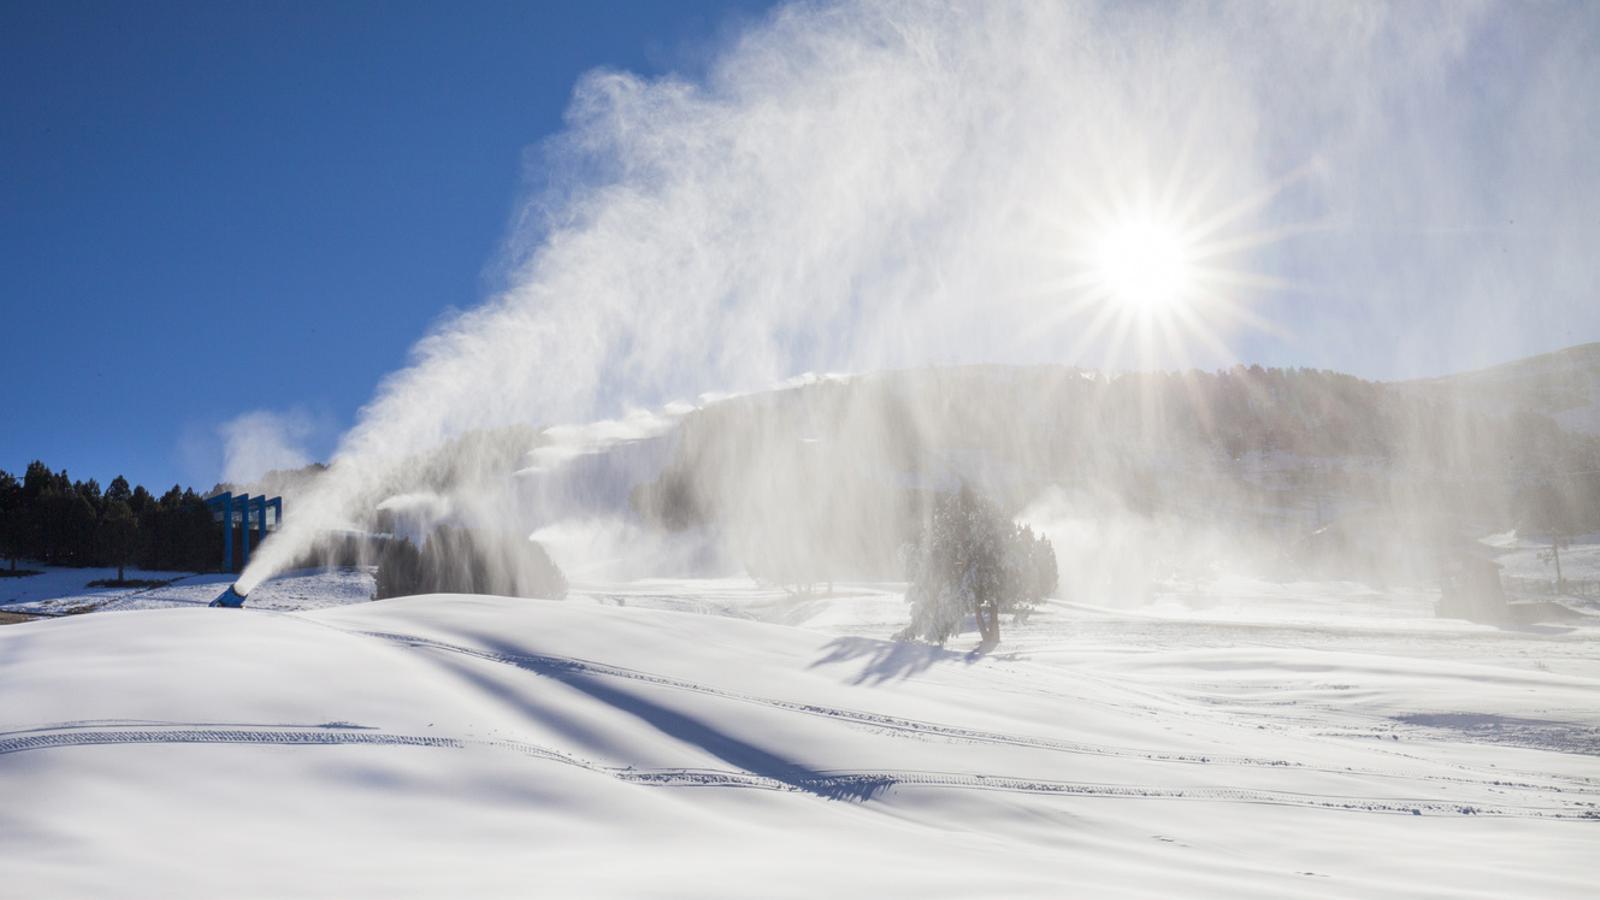 Canons de neu en ple funcionament a Grandvalira. / GRANDVALIRA